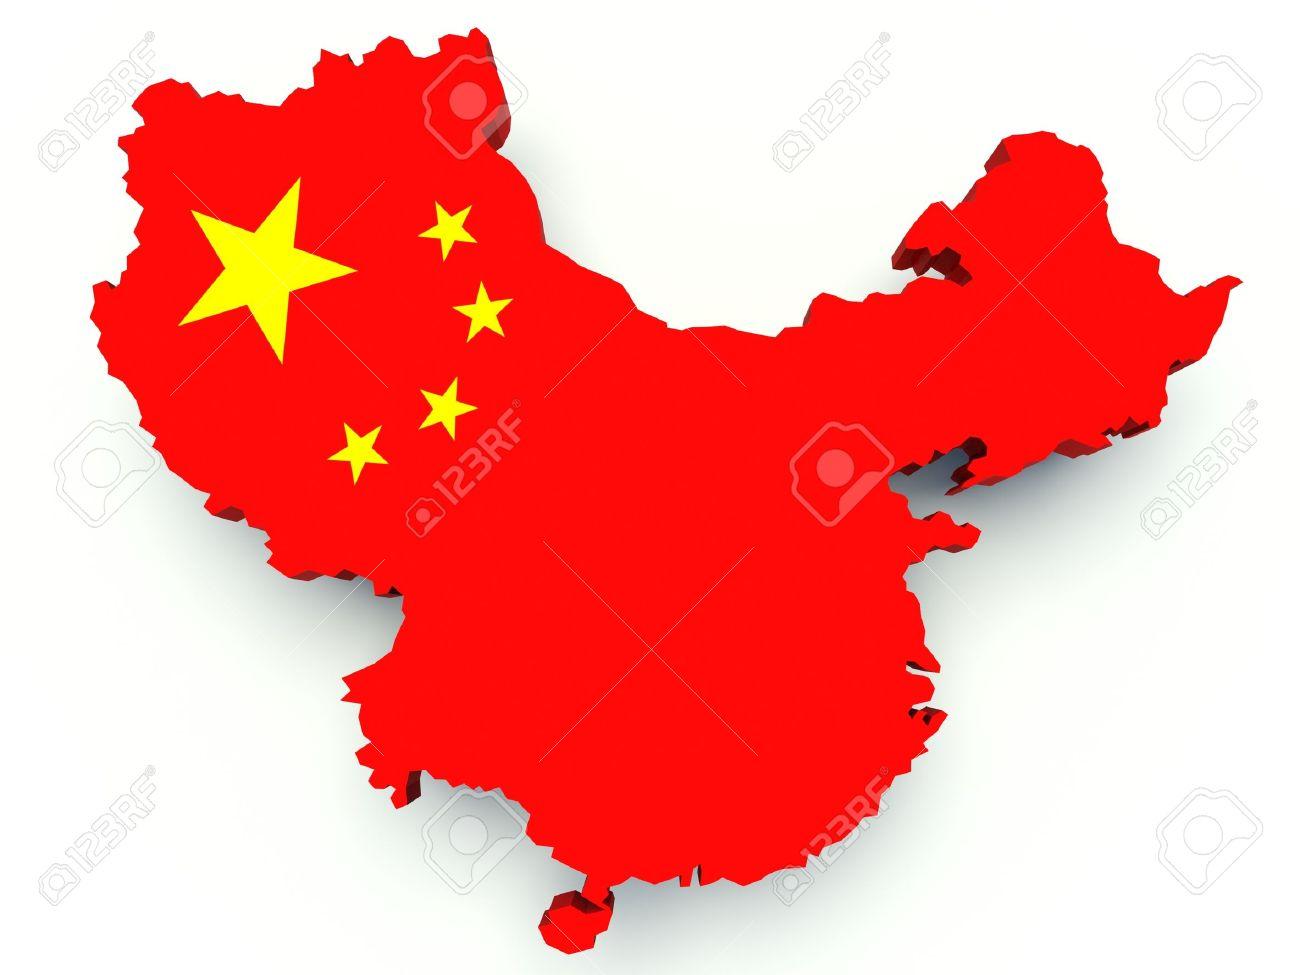 China constituye el principal factor en la ascendente evolución de nuestras exportaciones de carnes bovinas En